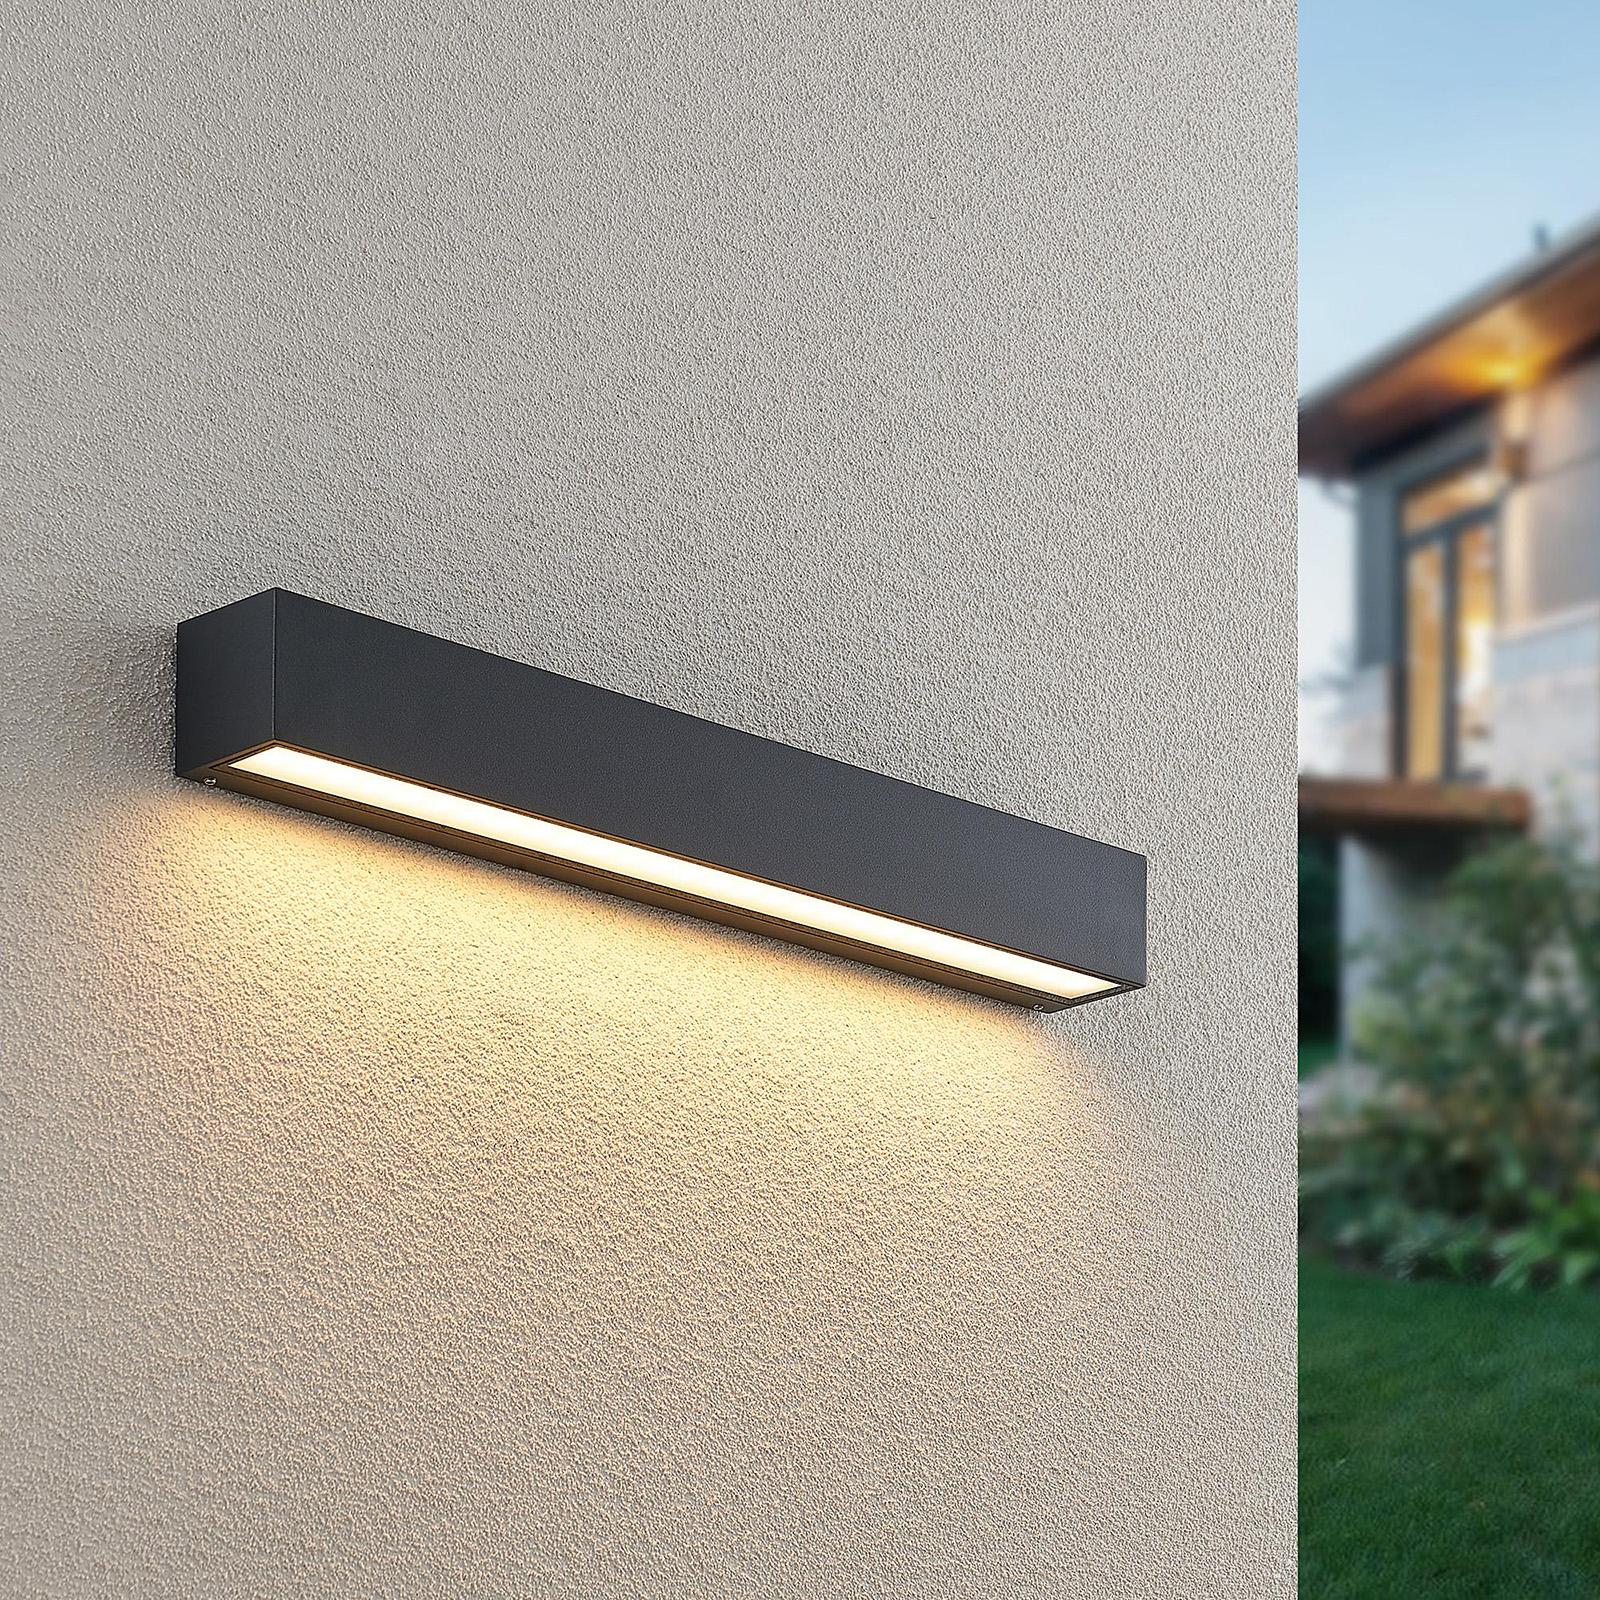 Lucande Krylo kinkiet zewnętrzny LED